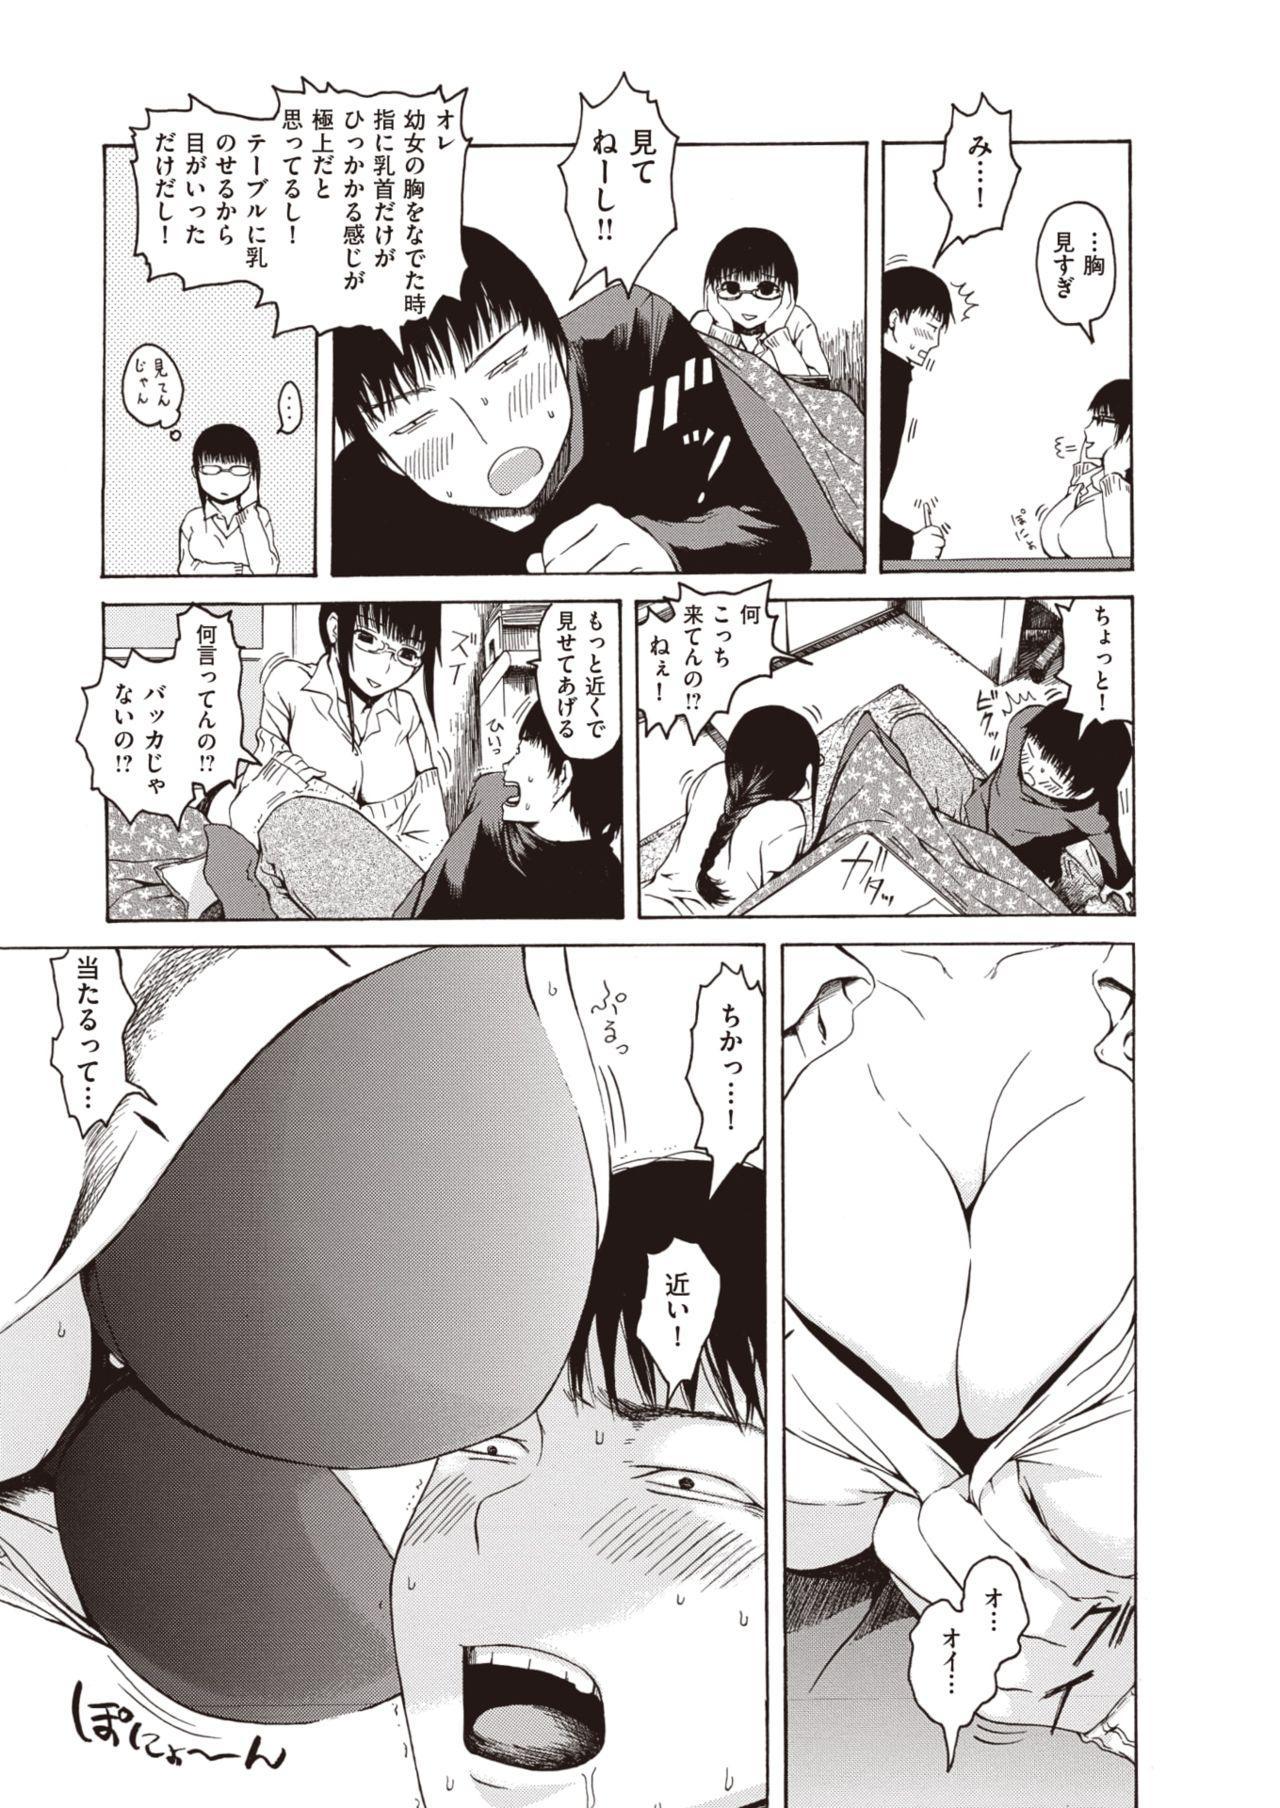 COMIC Kairakuten 25 Shuunen kinen tokubetsugou 203